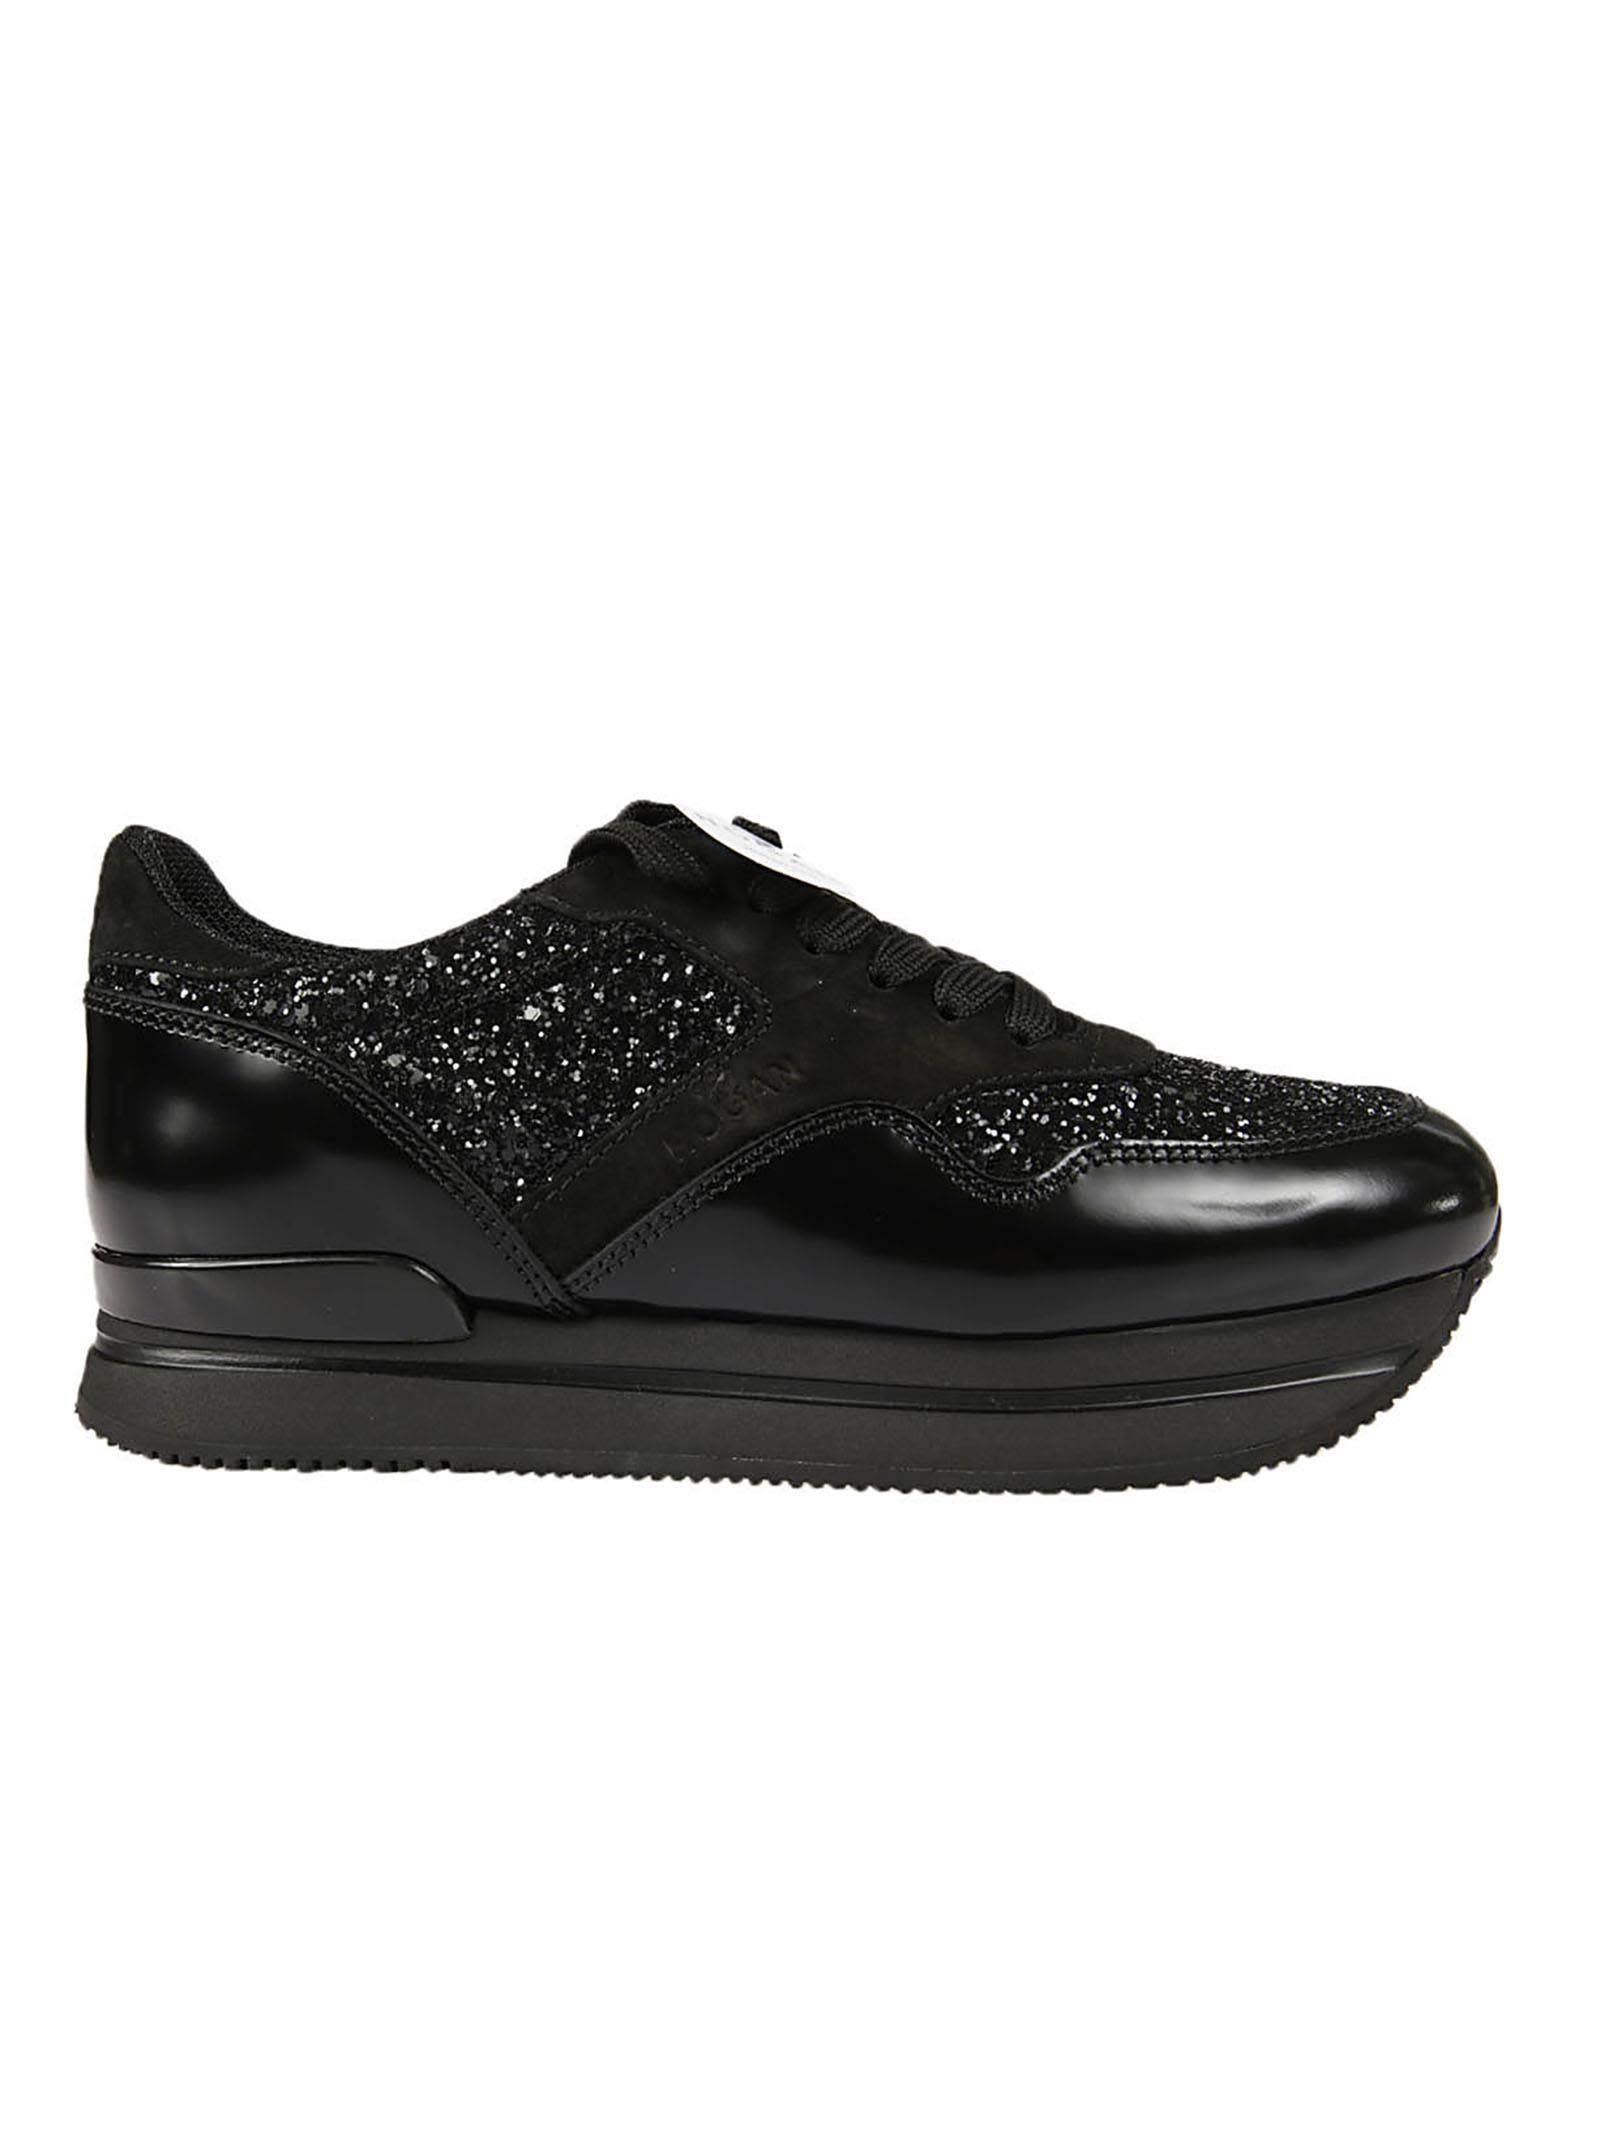 Hogan Glitter Effect Platform Sneakers